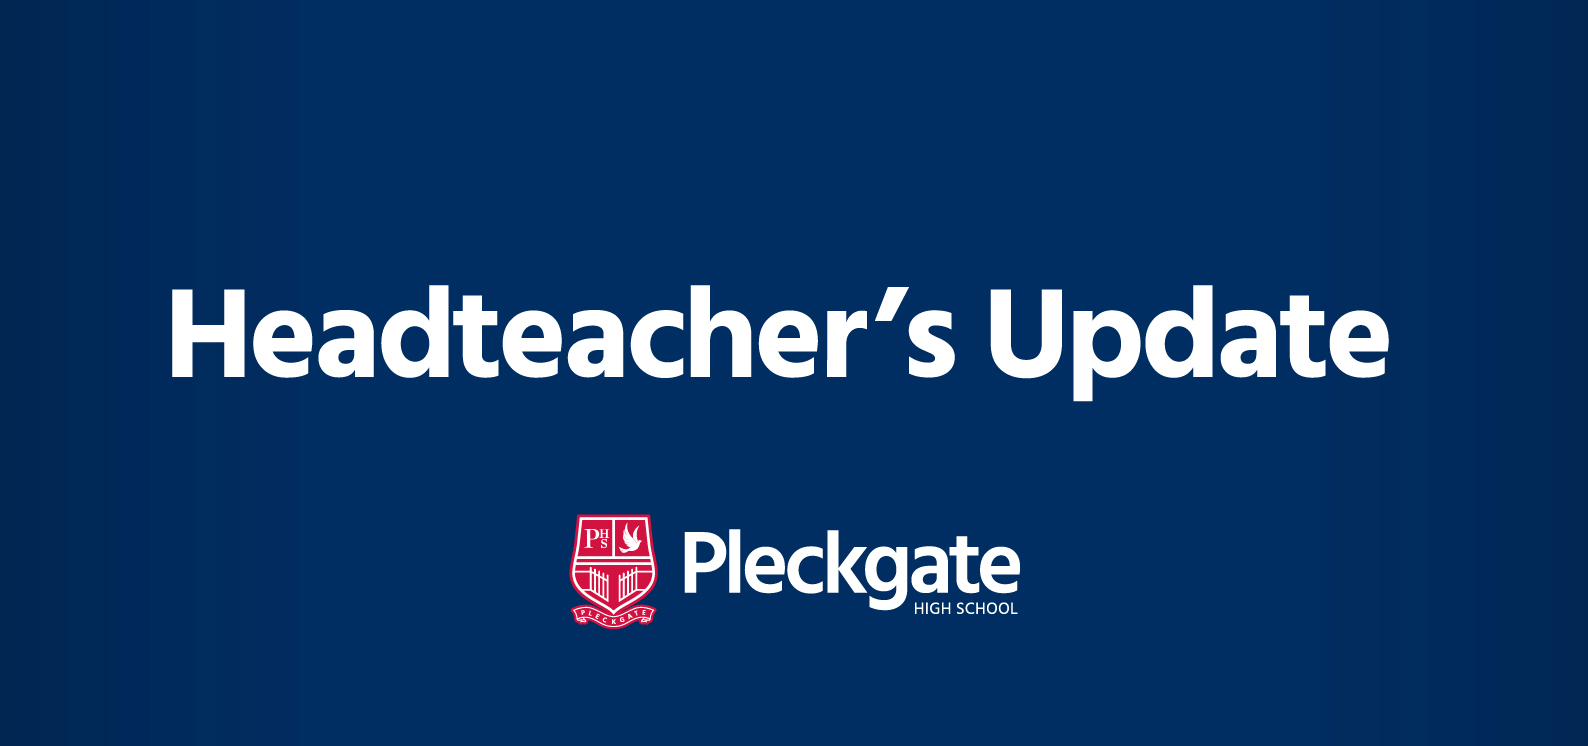 Headteacher's Update – December 2019